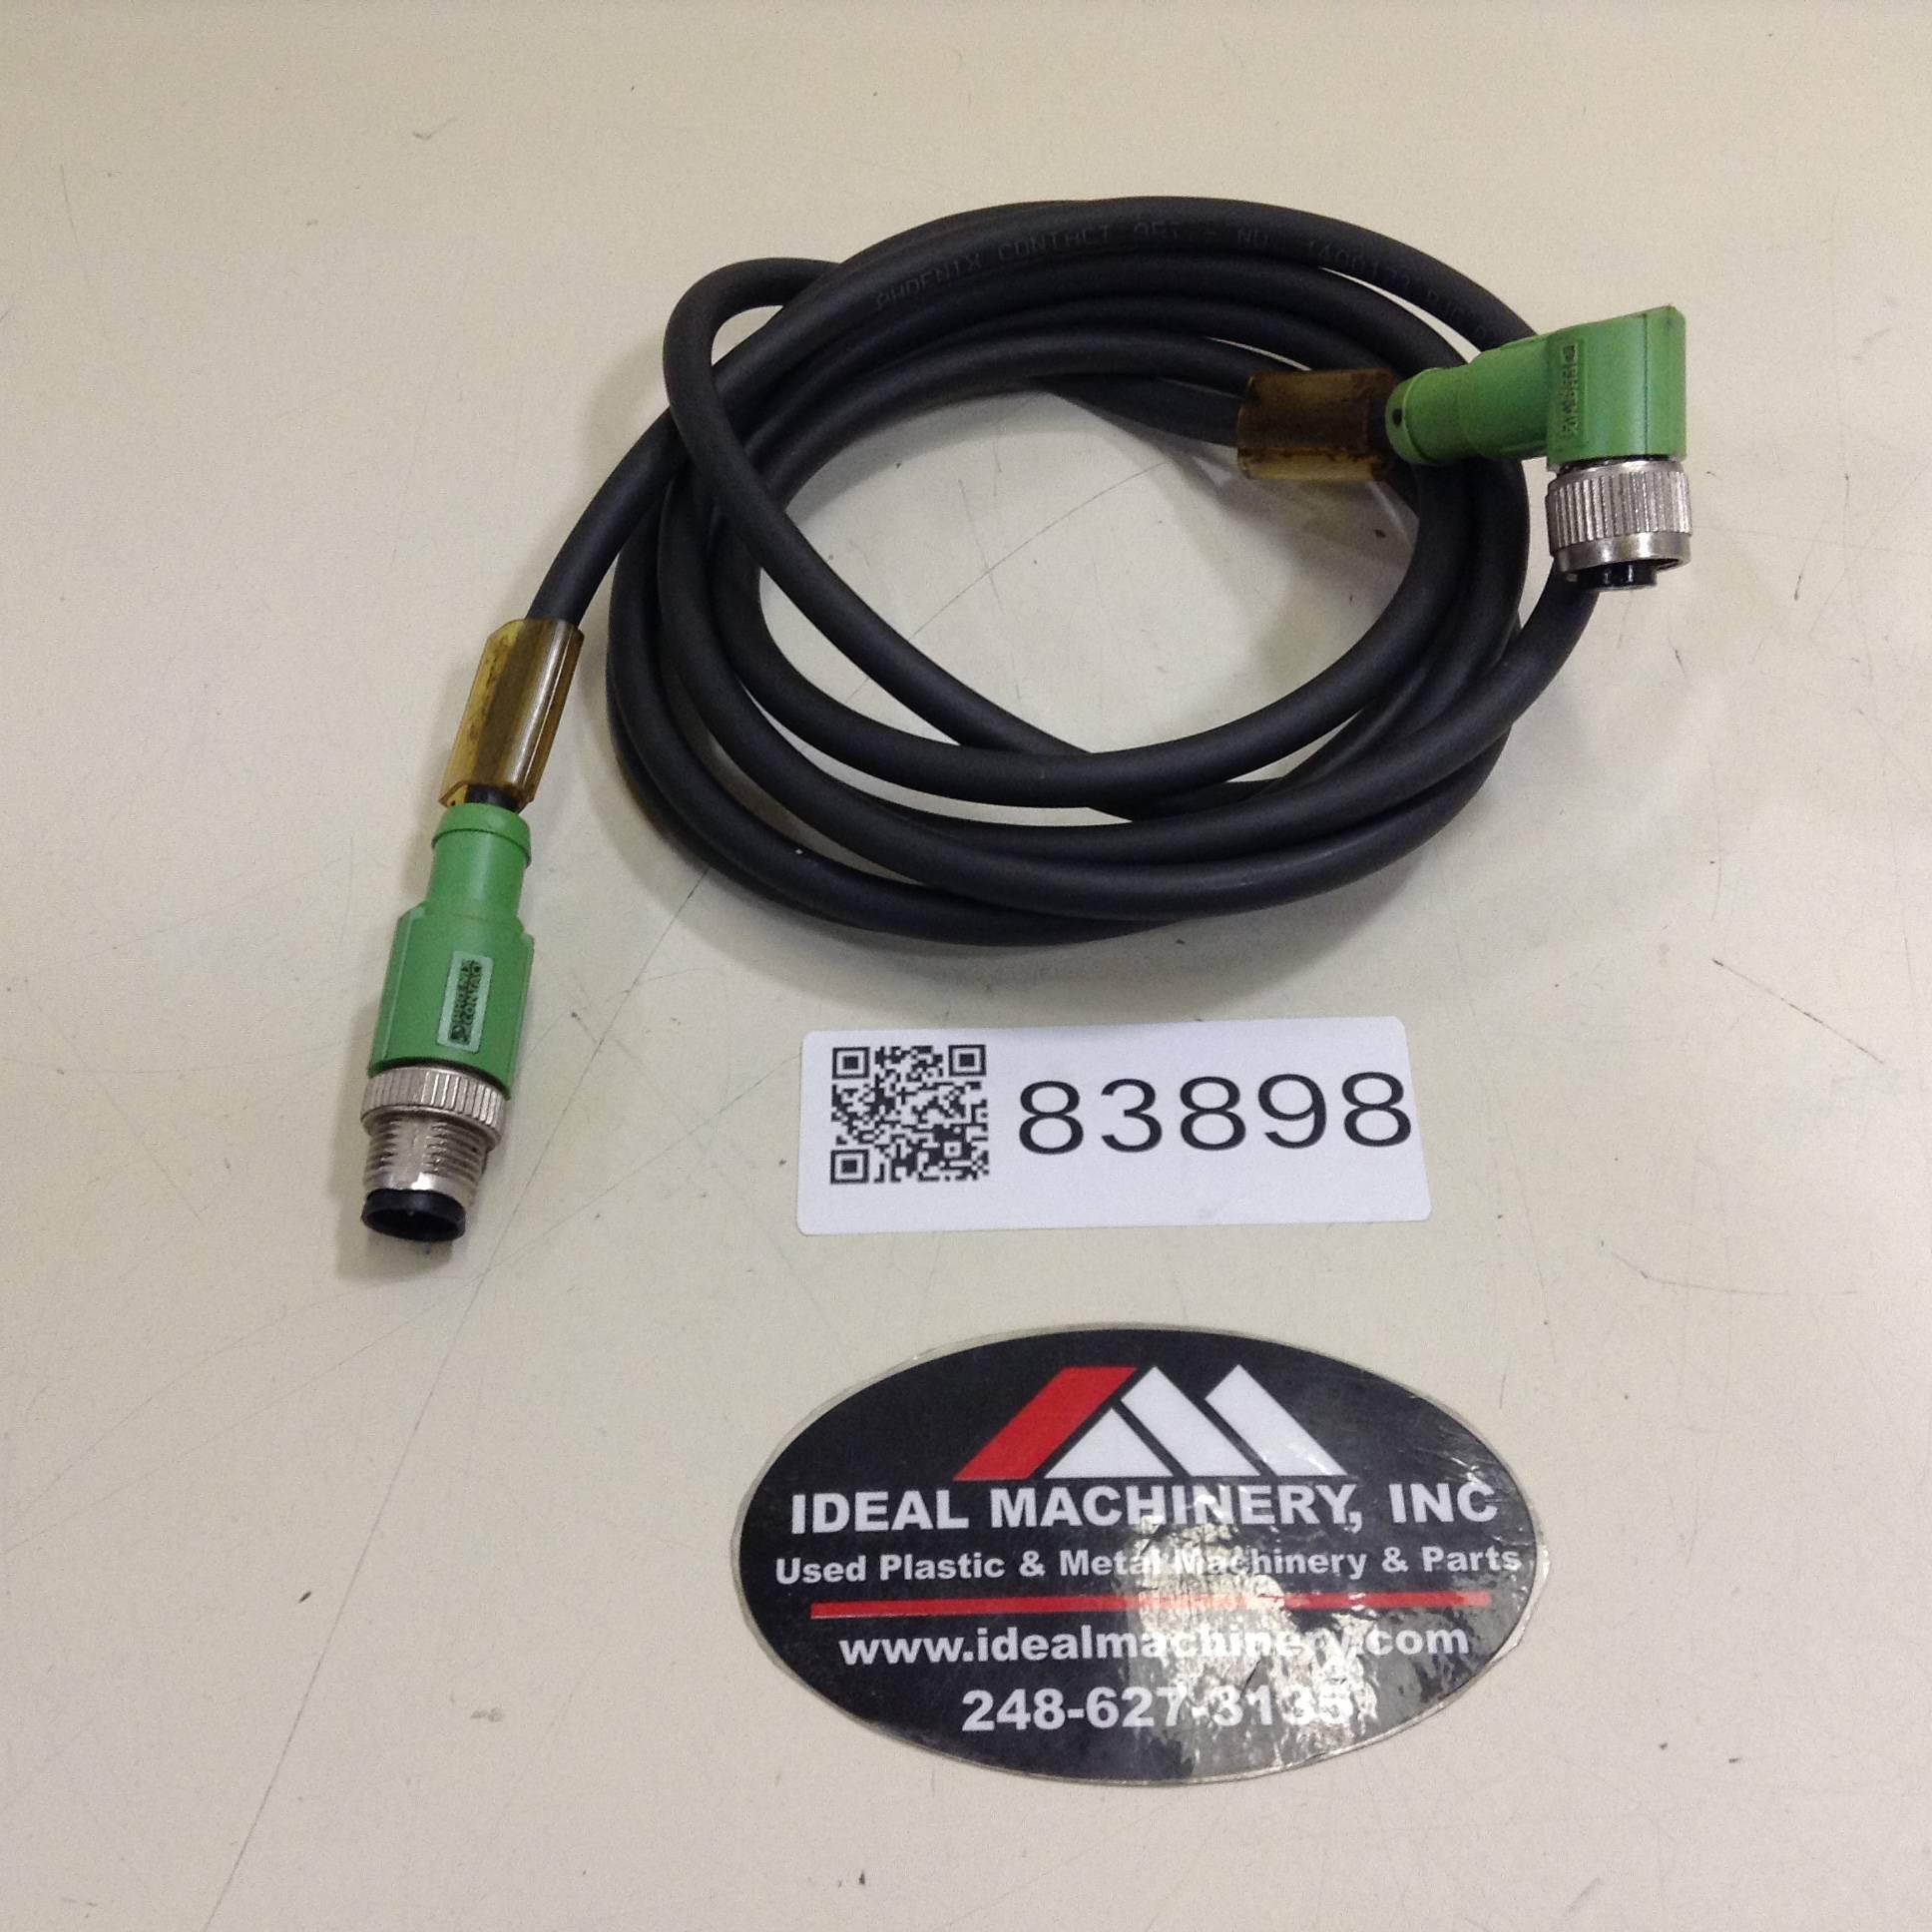 Rjg Inc. CE-LX5-2M-F90 | Ideal Machinery, Inc.